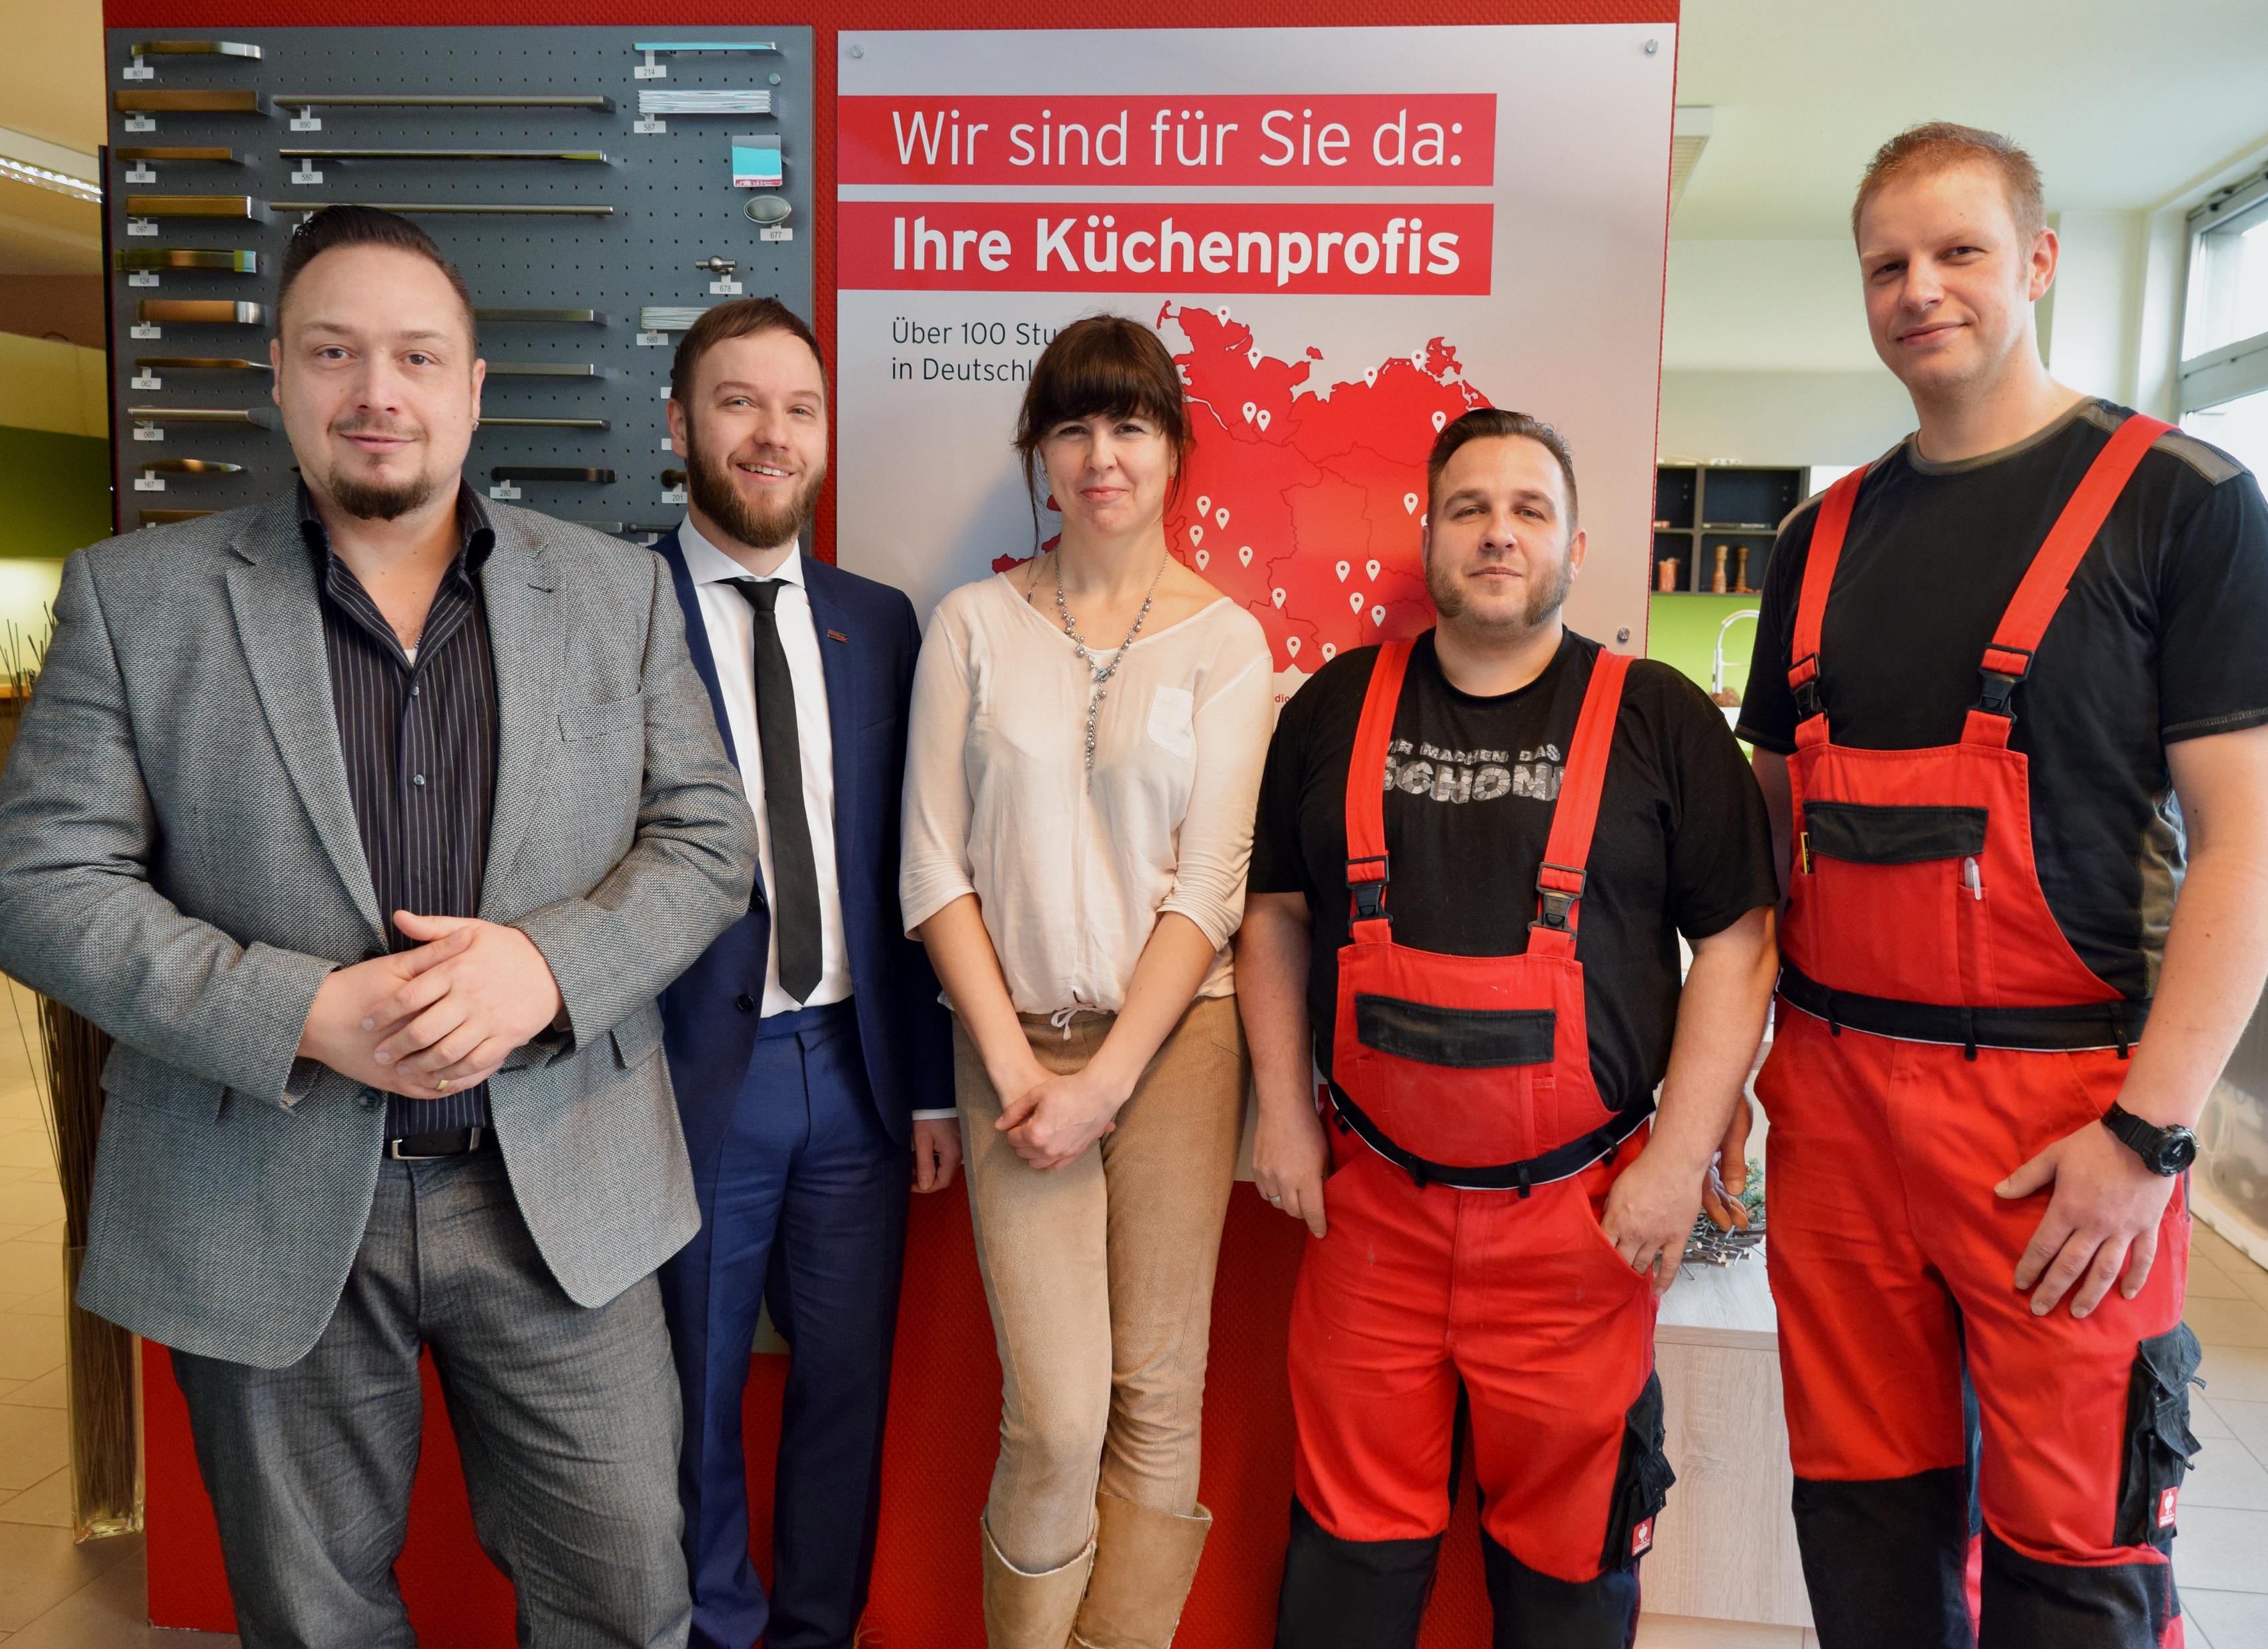 Kuche Co Kuchenstudio Erfurt Kuche Co